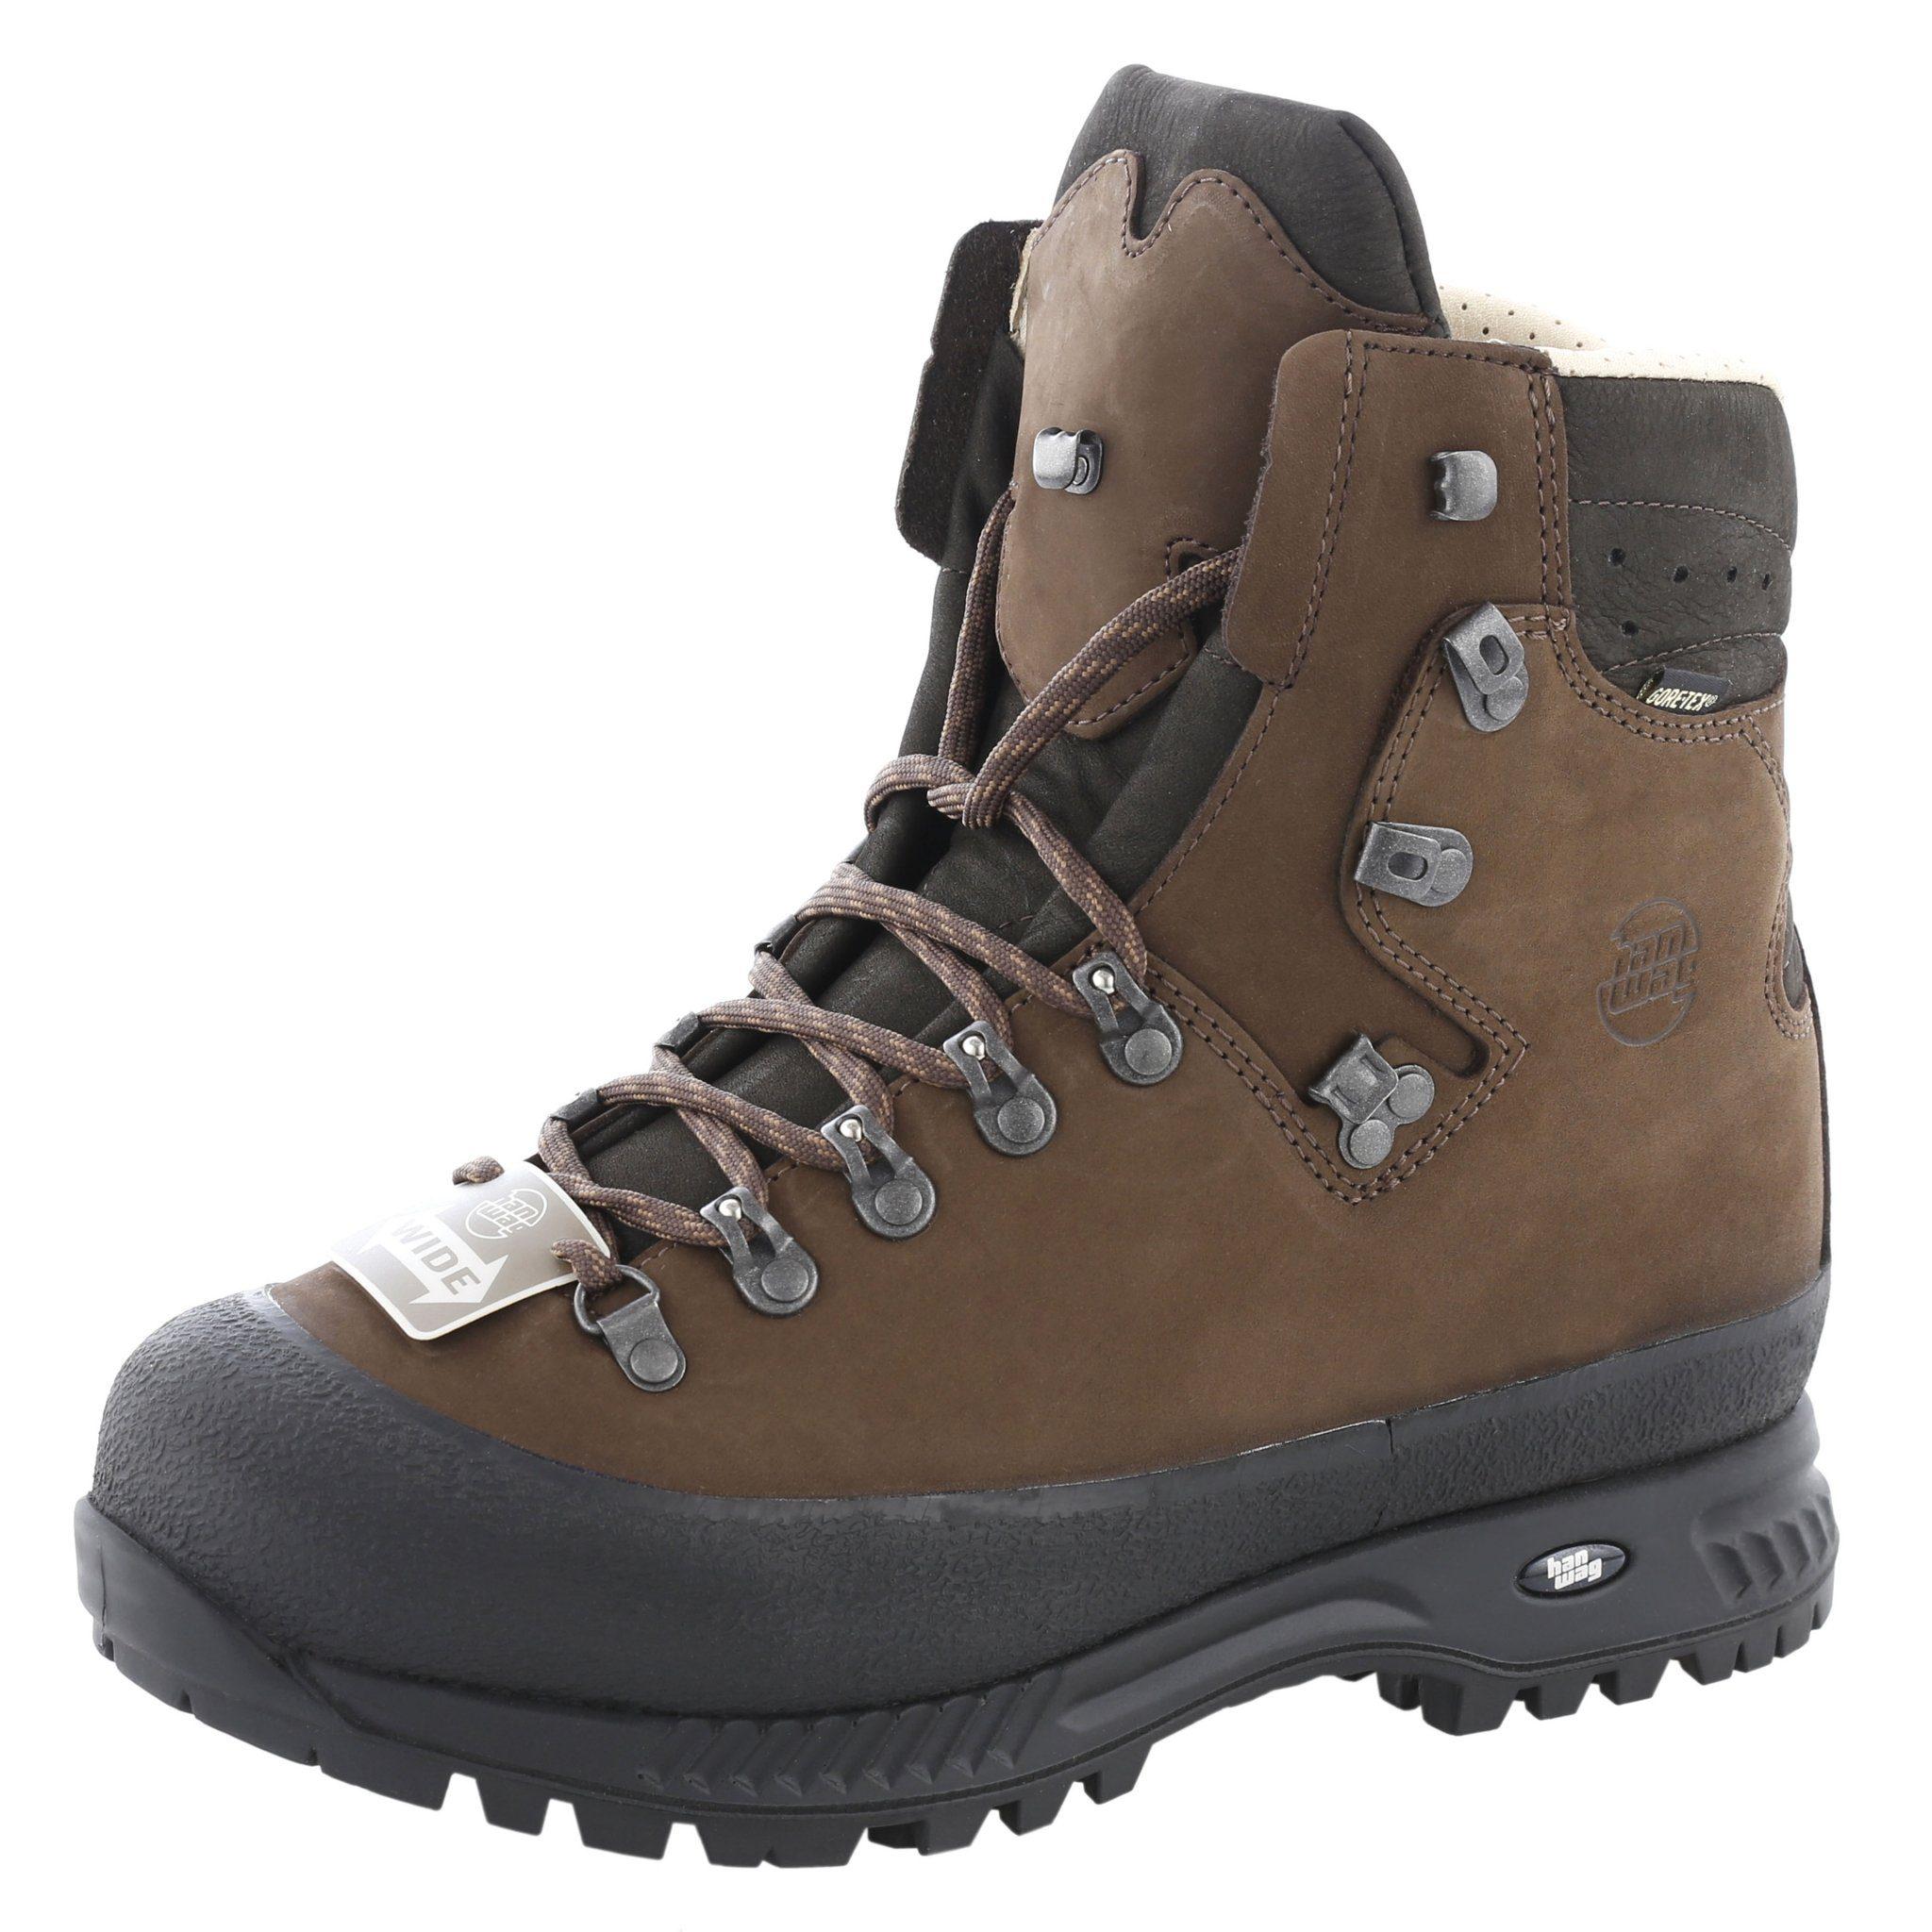 Hanwag Kletterschuh Alaska Wide GTX Shoes Men  braun